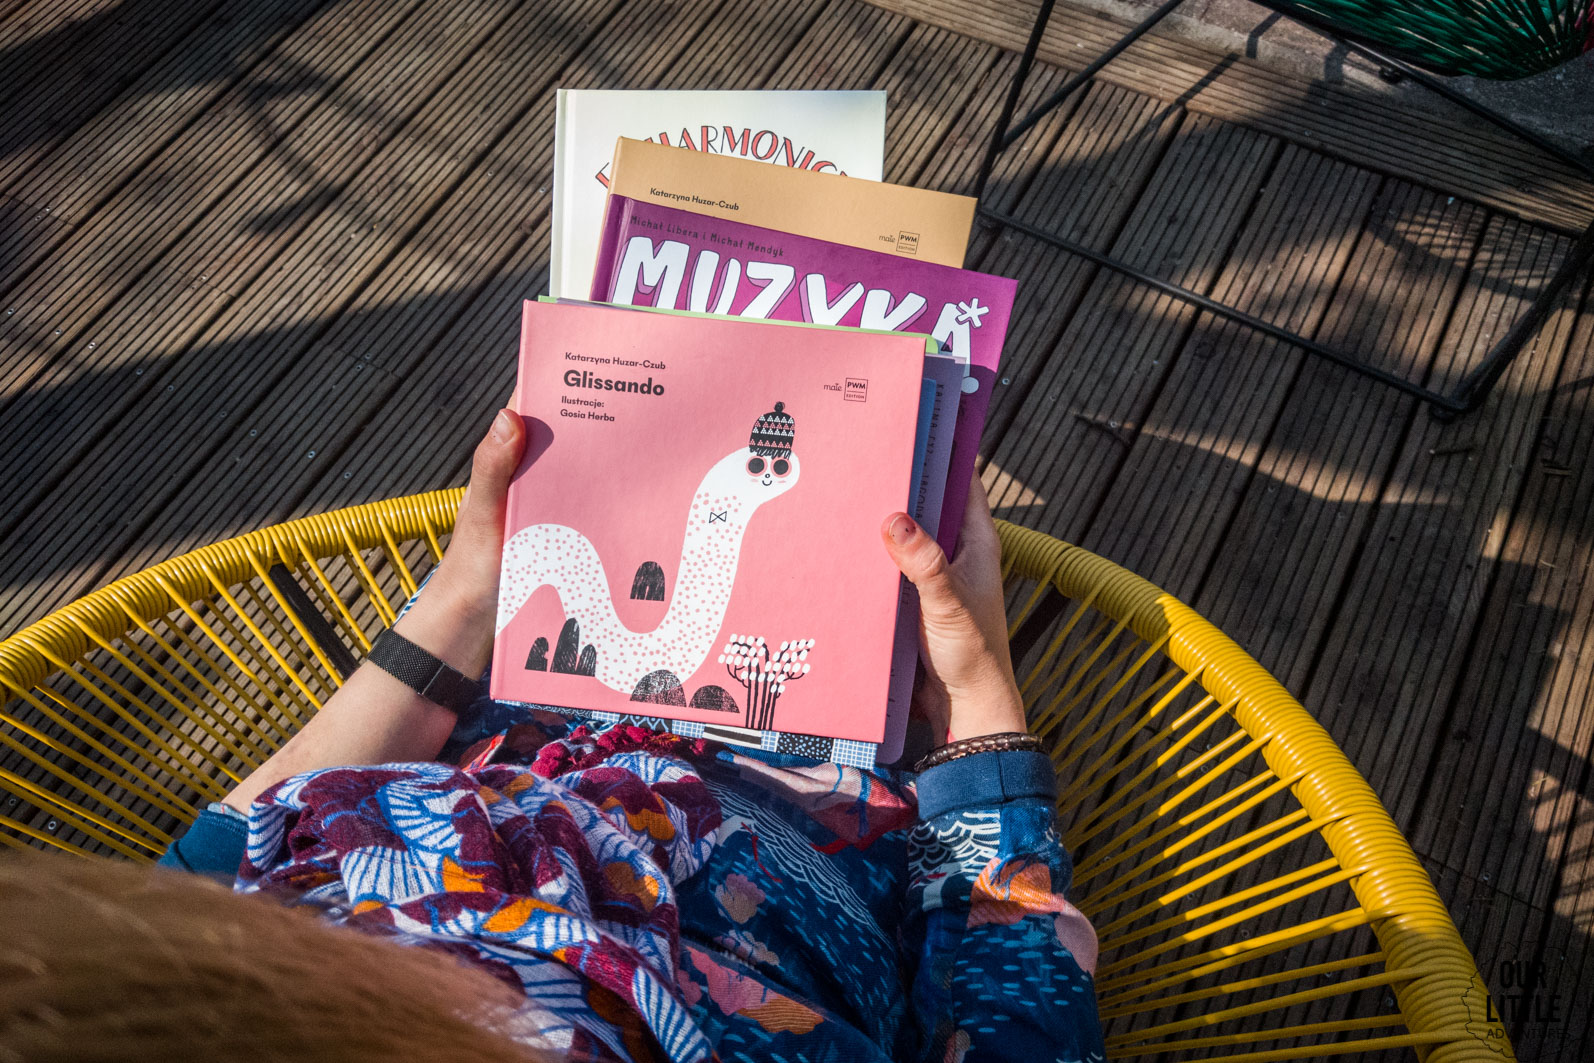 Czy Dźwięki Można Zobaczyć Książki O Muzyce Dla Dzieci